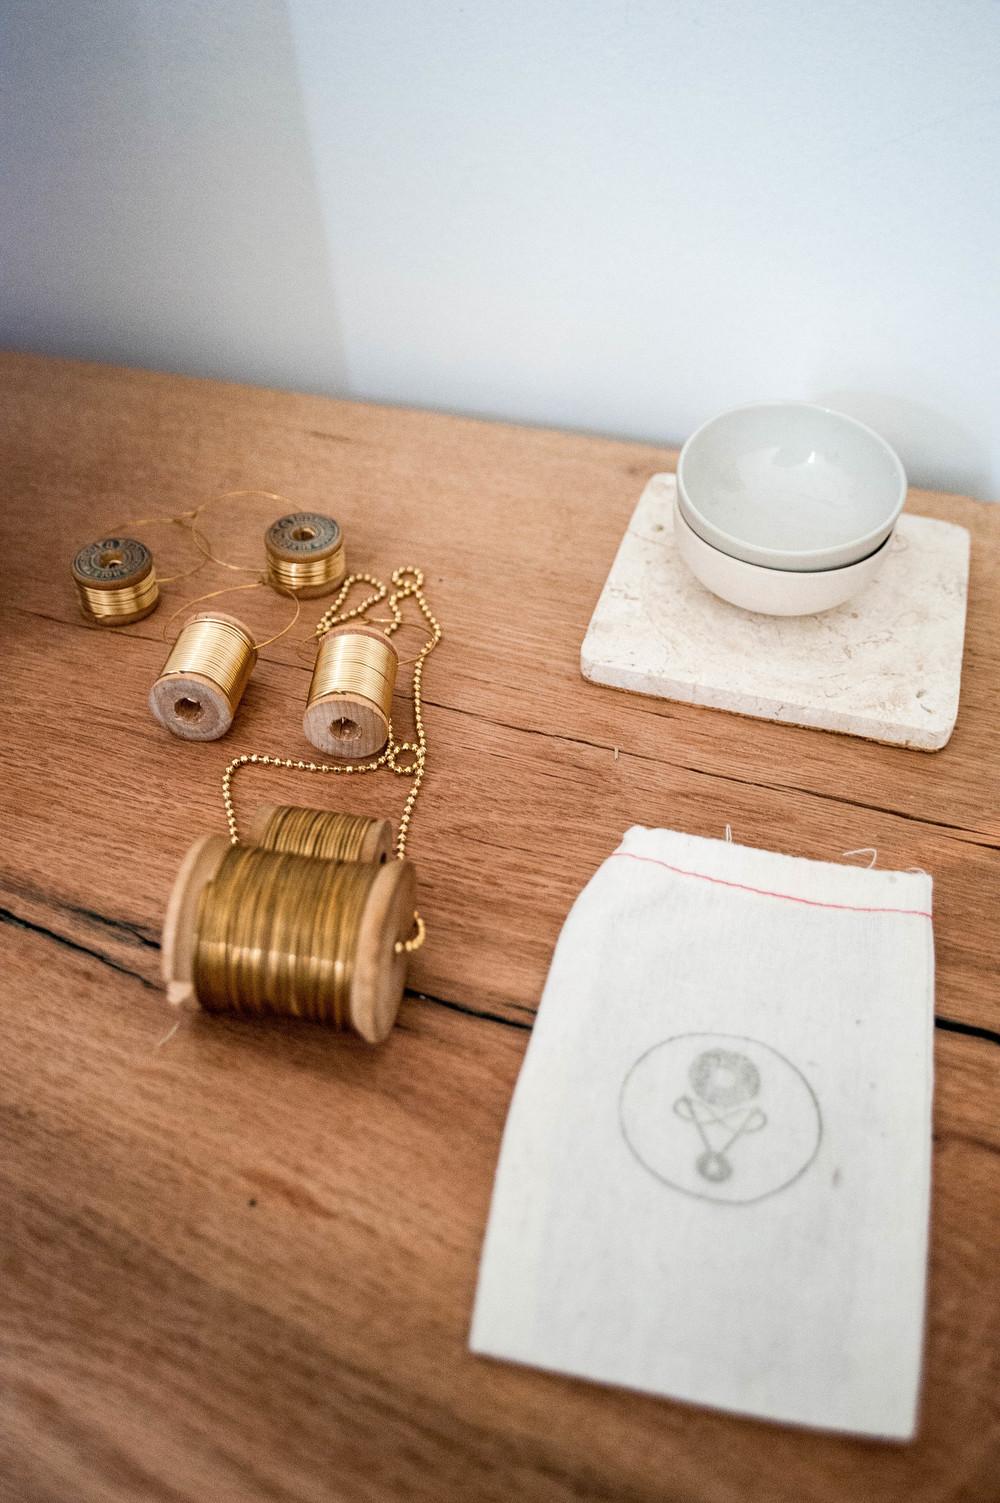 Lizania's jewelry line, Bagavundas